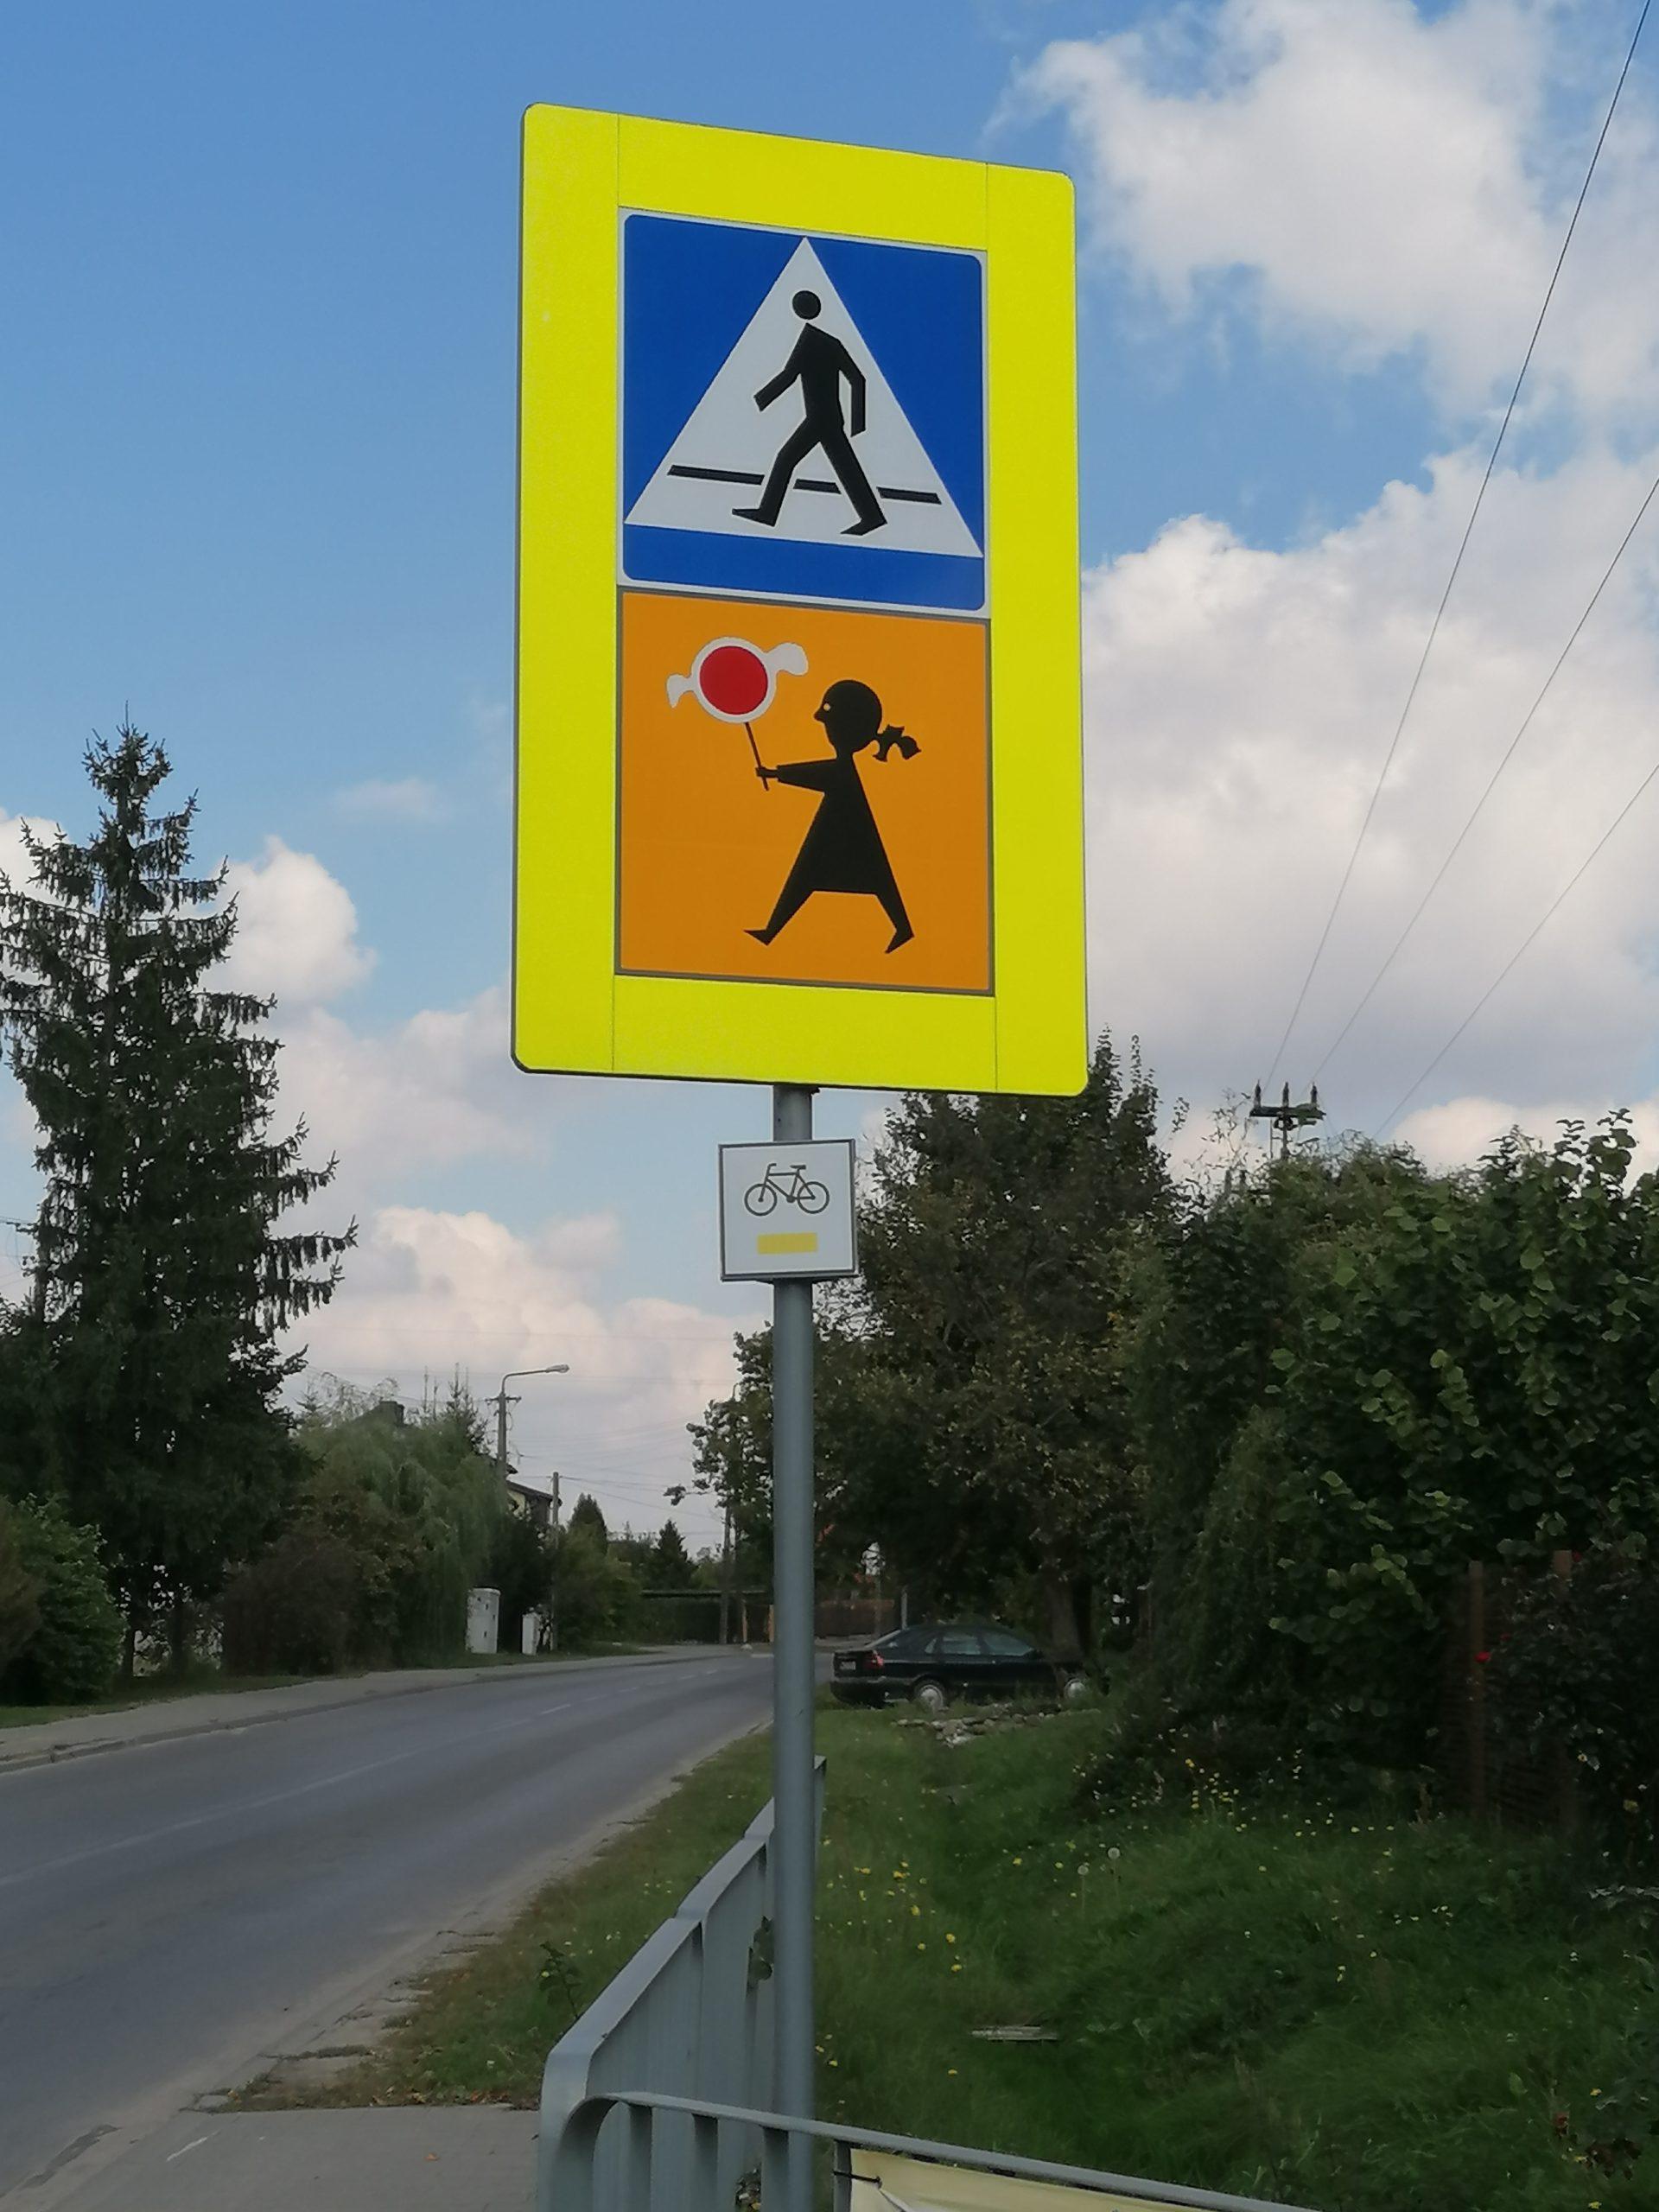 Najnowszy szlak o długości ok 18 km, biegnący przez Gliniankę, Czarnówkę, Rzaktę, Bolesławów, Kruszówiec, Wolę Karczewską i Ducką, został już wytyczony i oznakowany